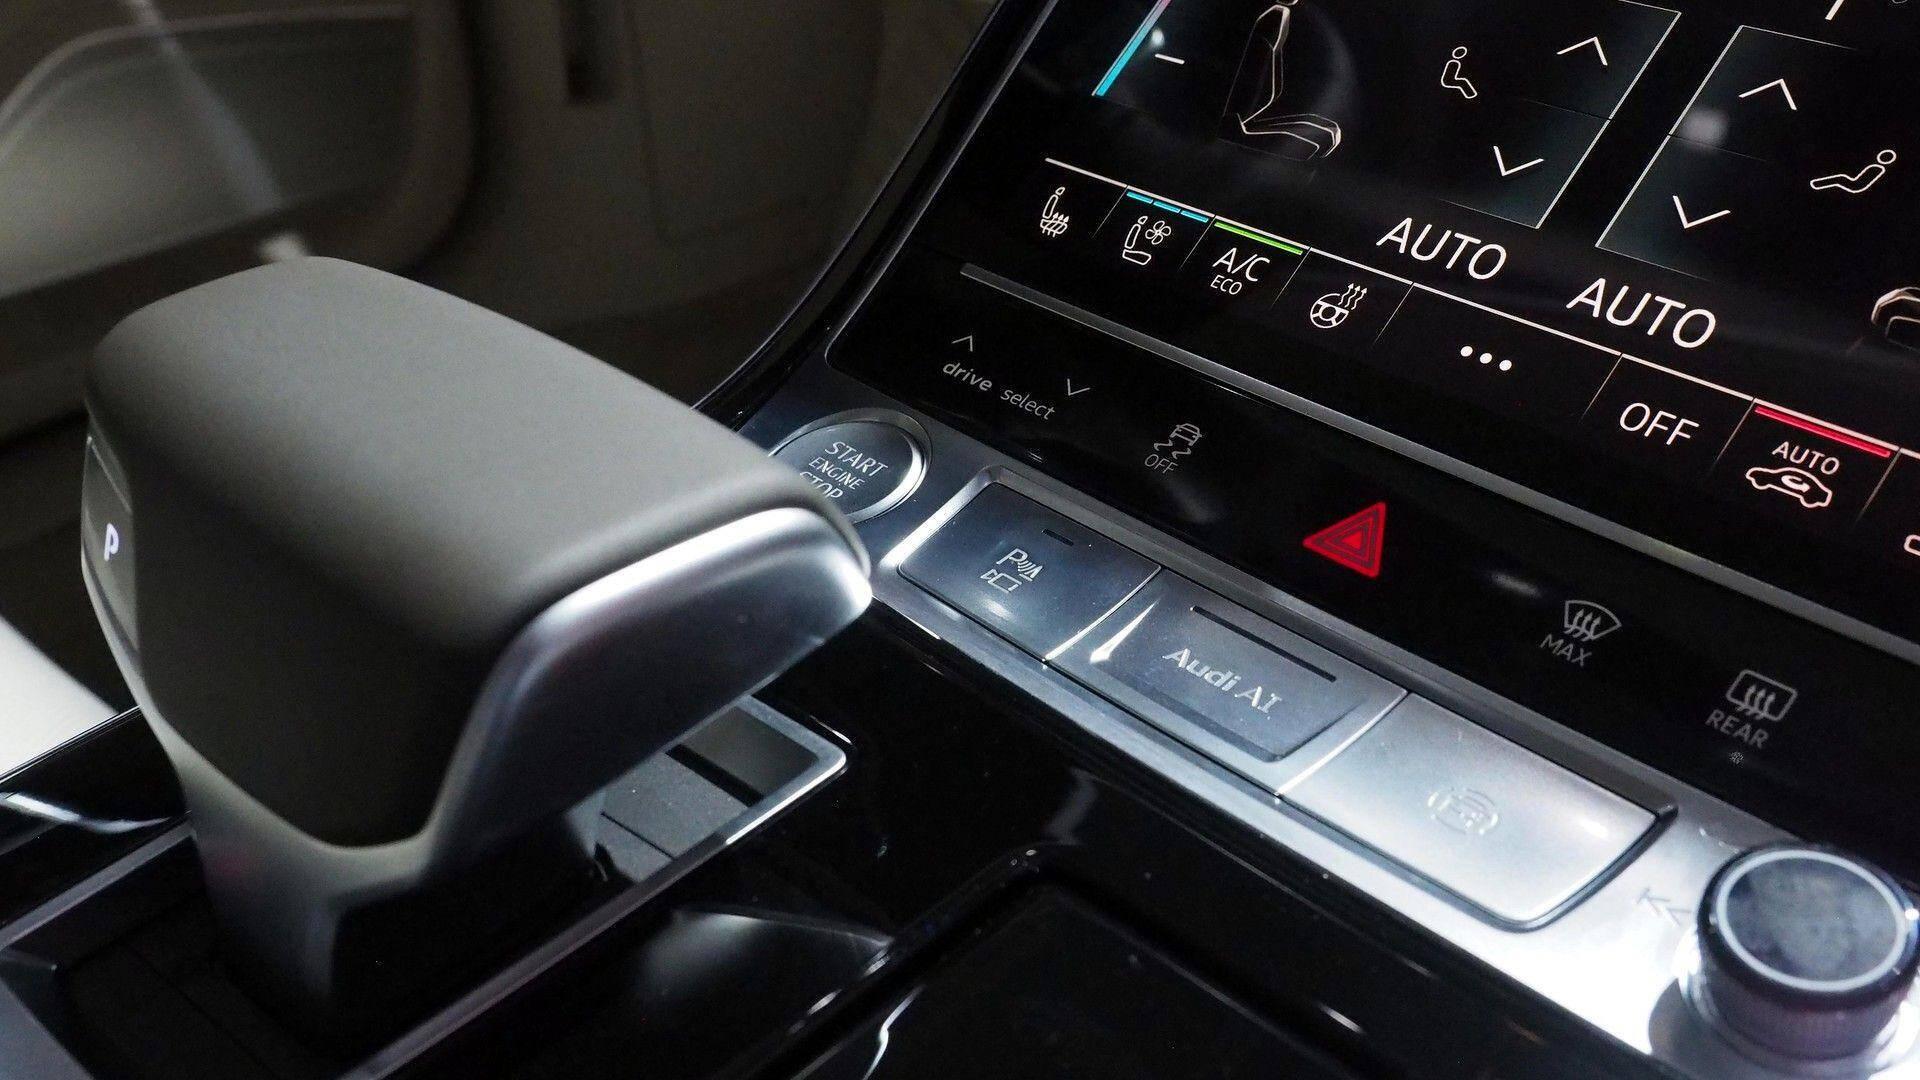 Audi A8. Foto: Divulgação